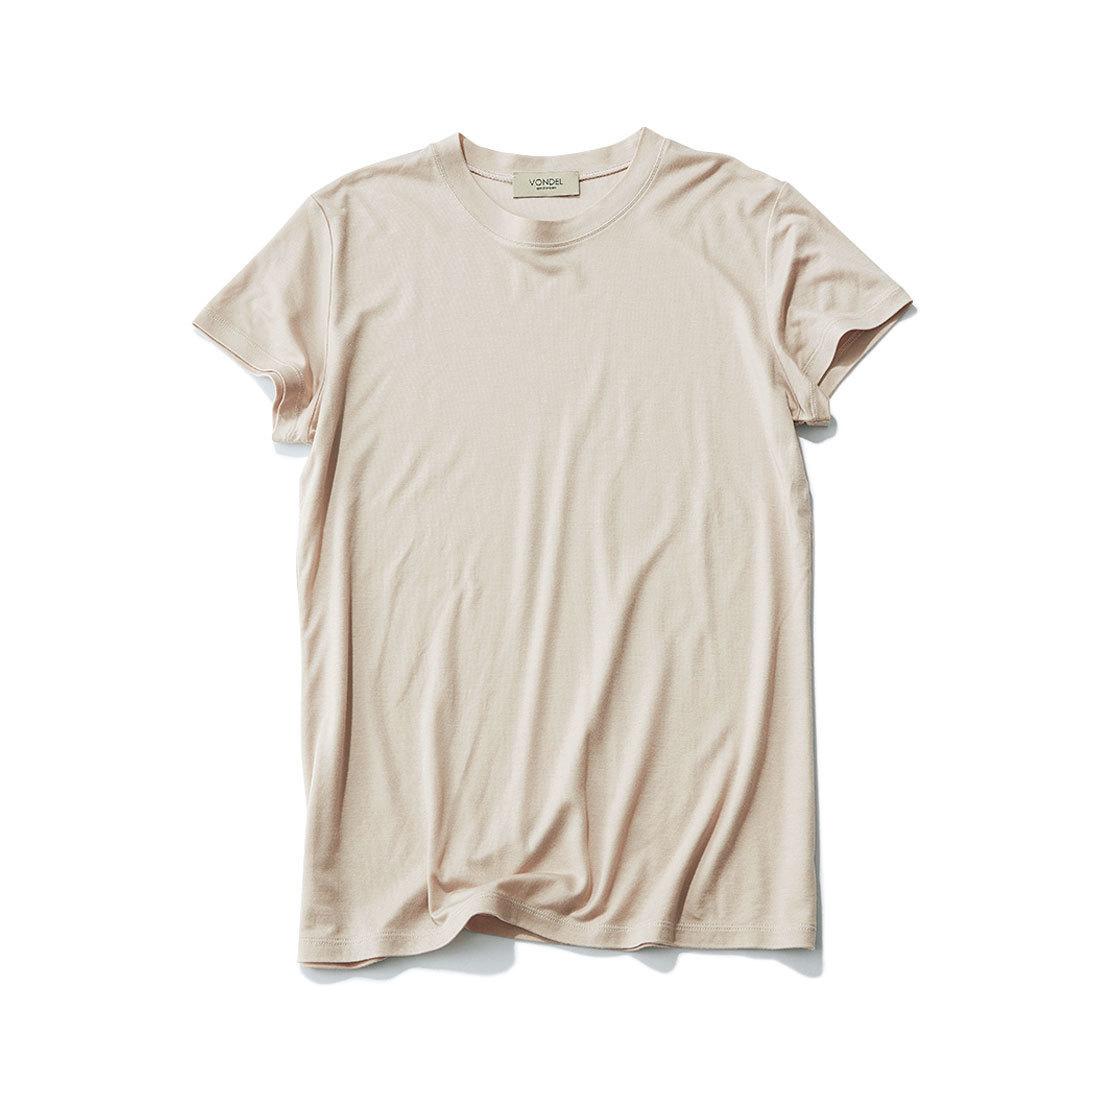 Tシャツ¥13,000/FUN(フォンデル)